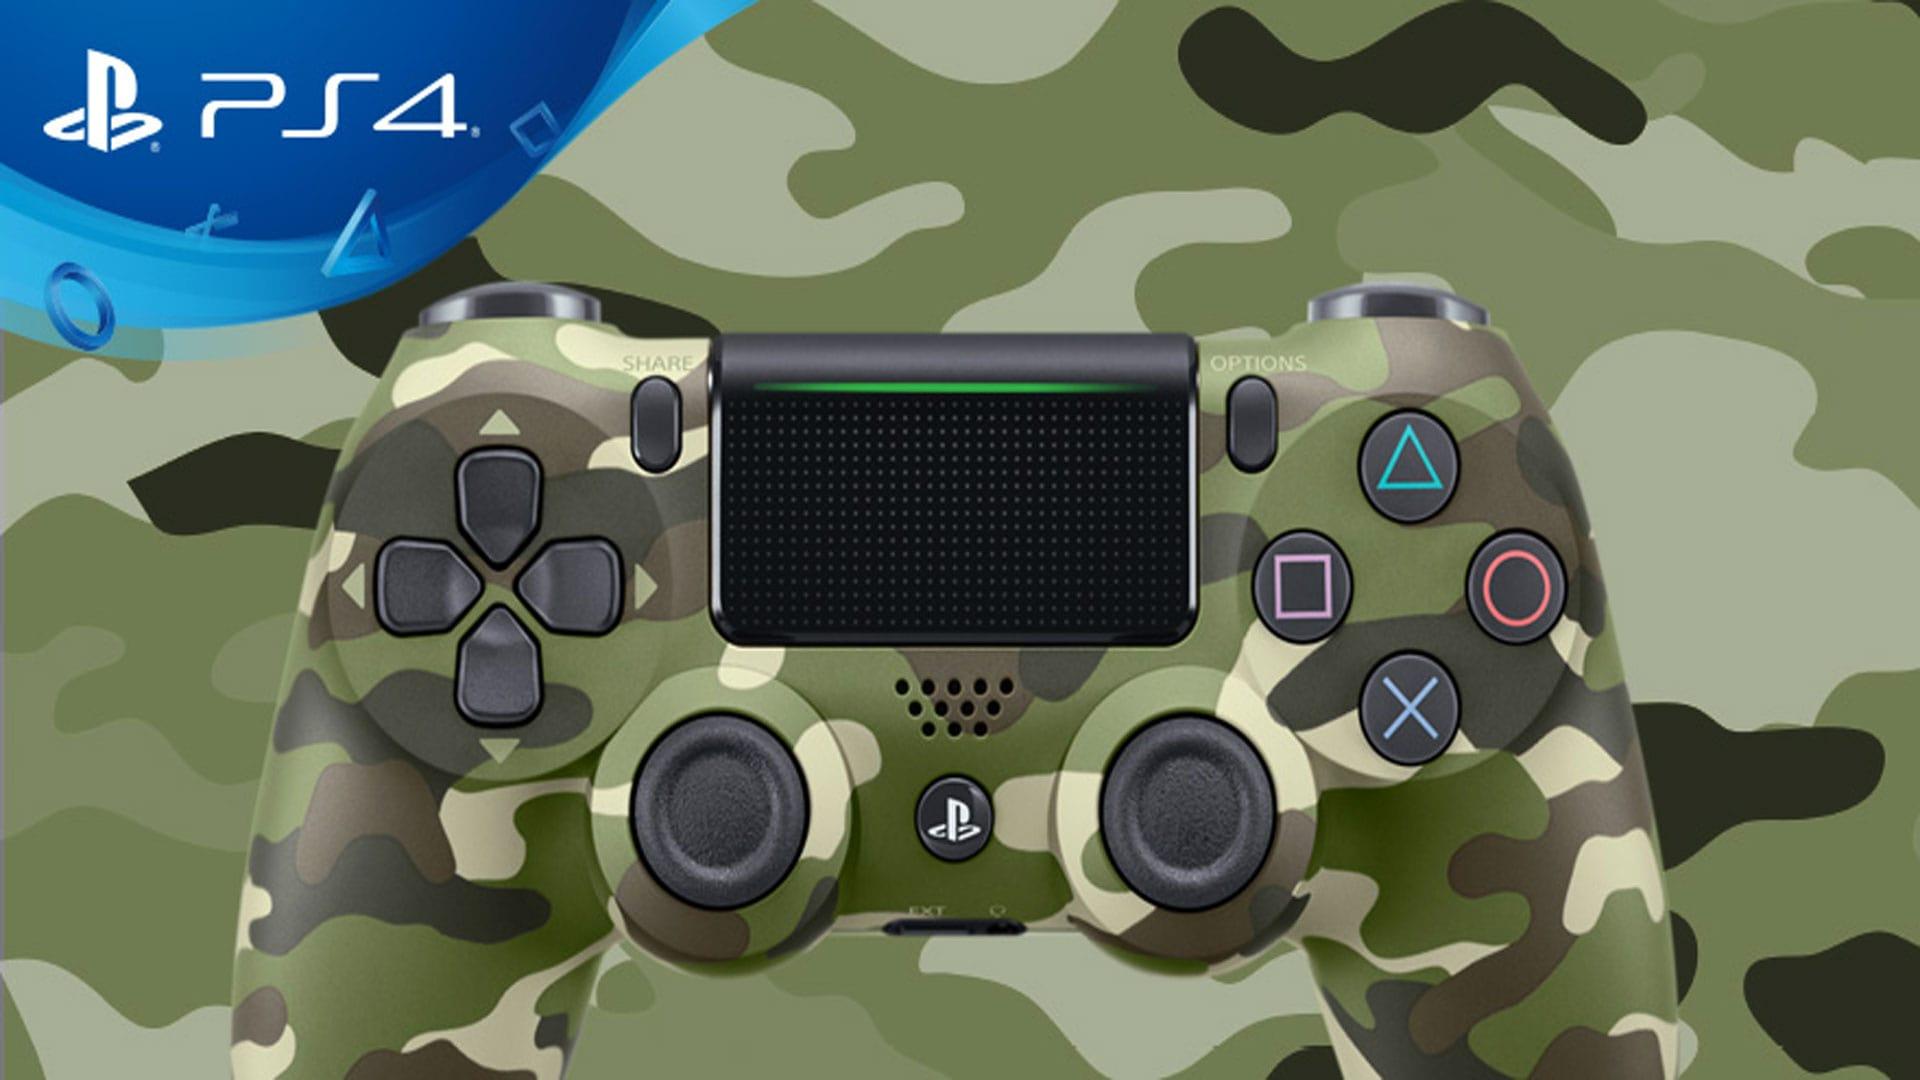 کنترلر جدید پلی استیشن ۴ چریکی سبز ps4 urban camouflage